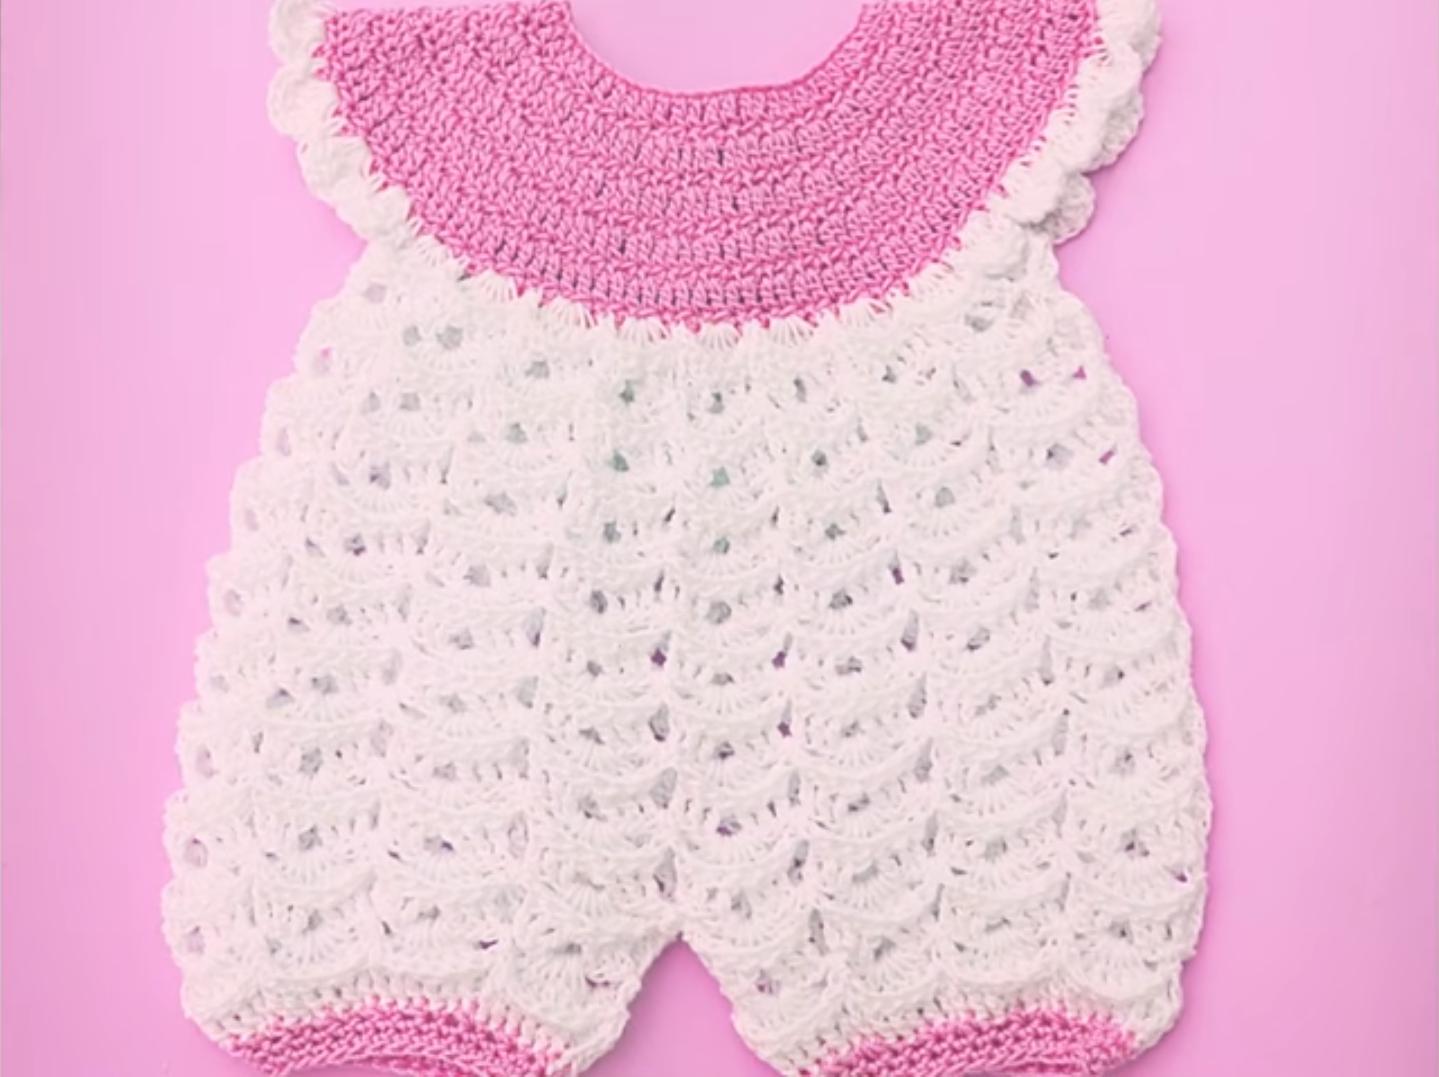 Crochet Very Easy Baby Romper - Crochet Ideas